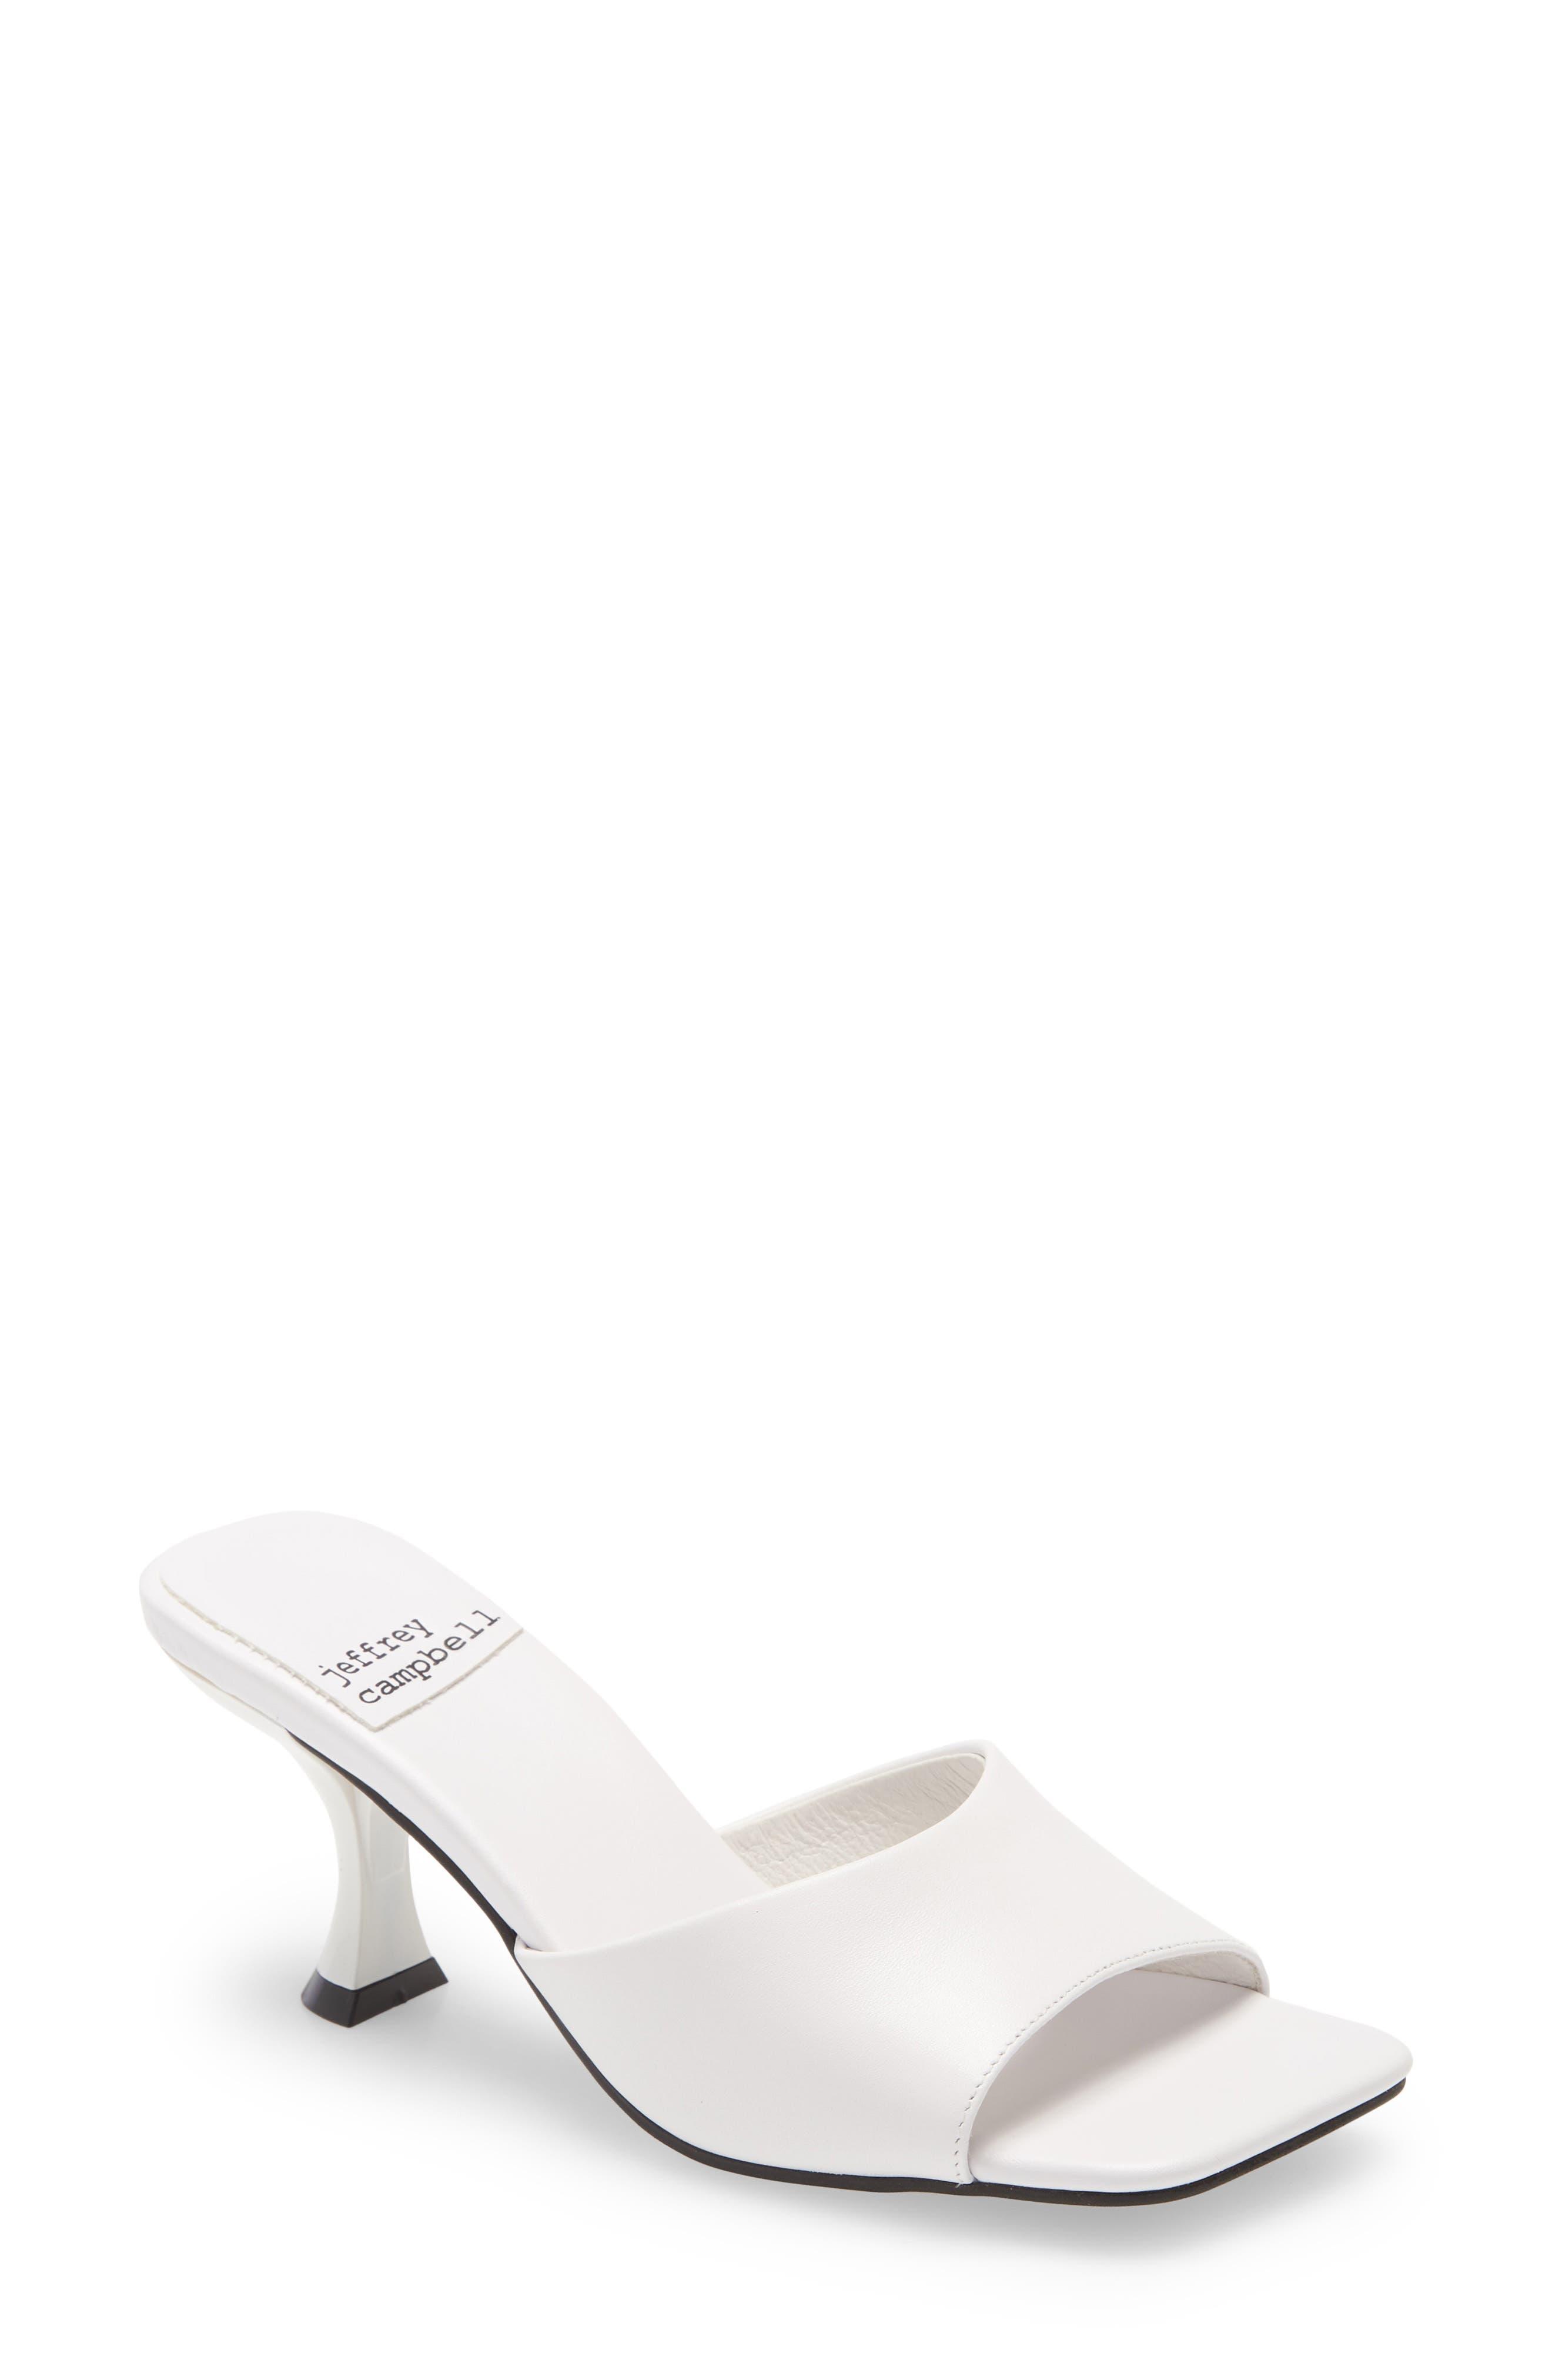 Mr-Big Slide Sandal